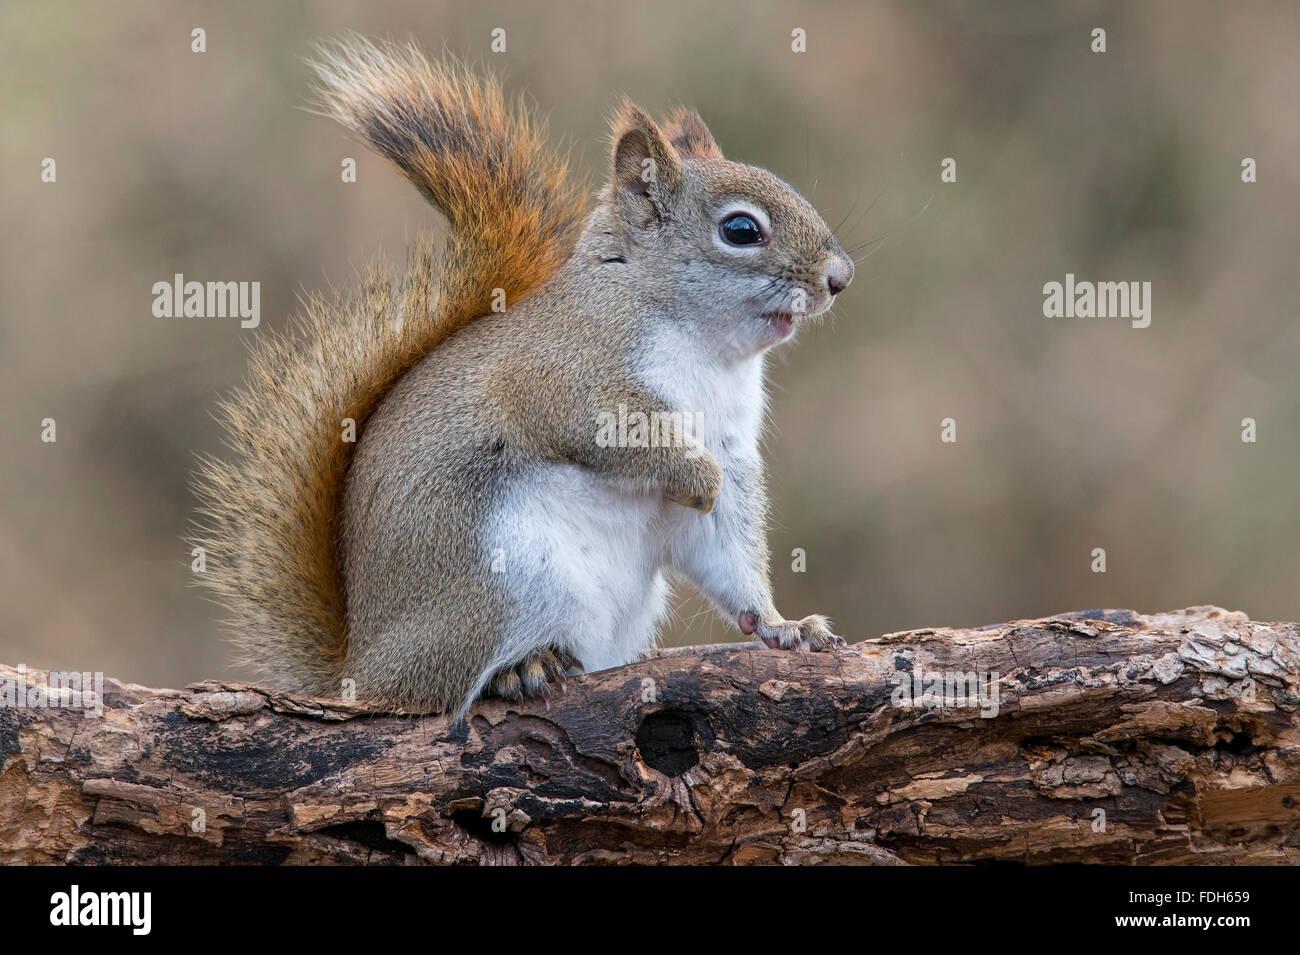 Eastern Red Squirrel making sounds (Tamiasciurus or Sciurus hudsonicus) E North America - Stock Image